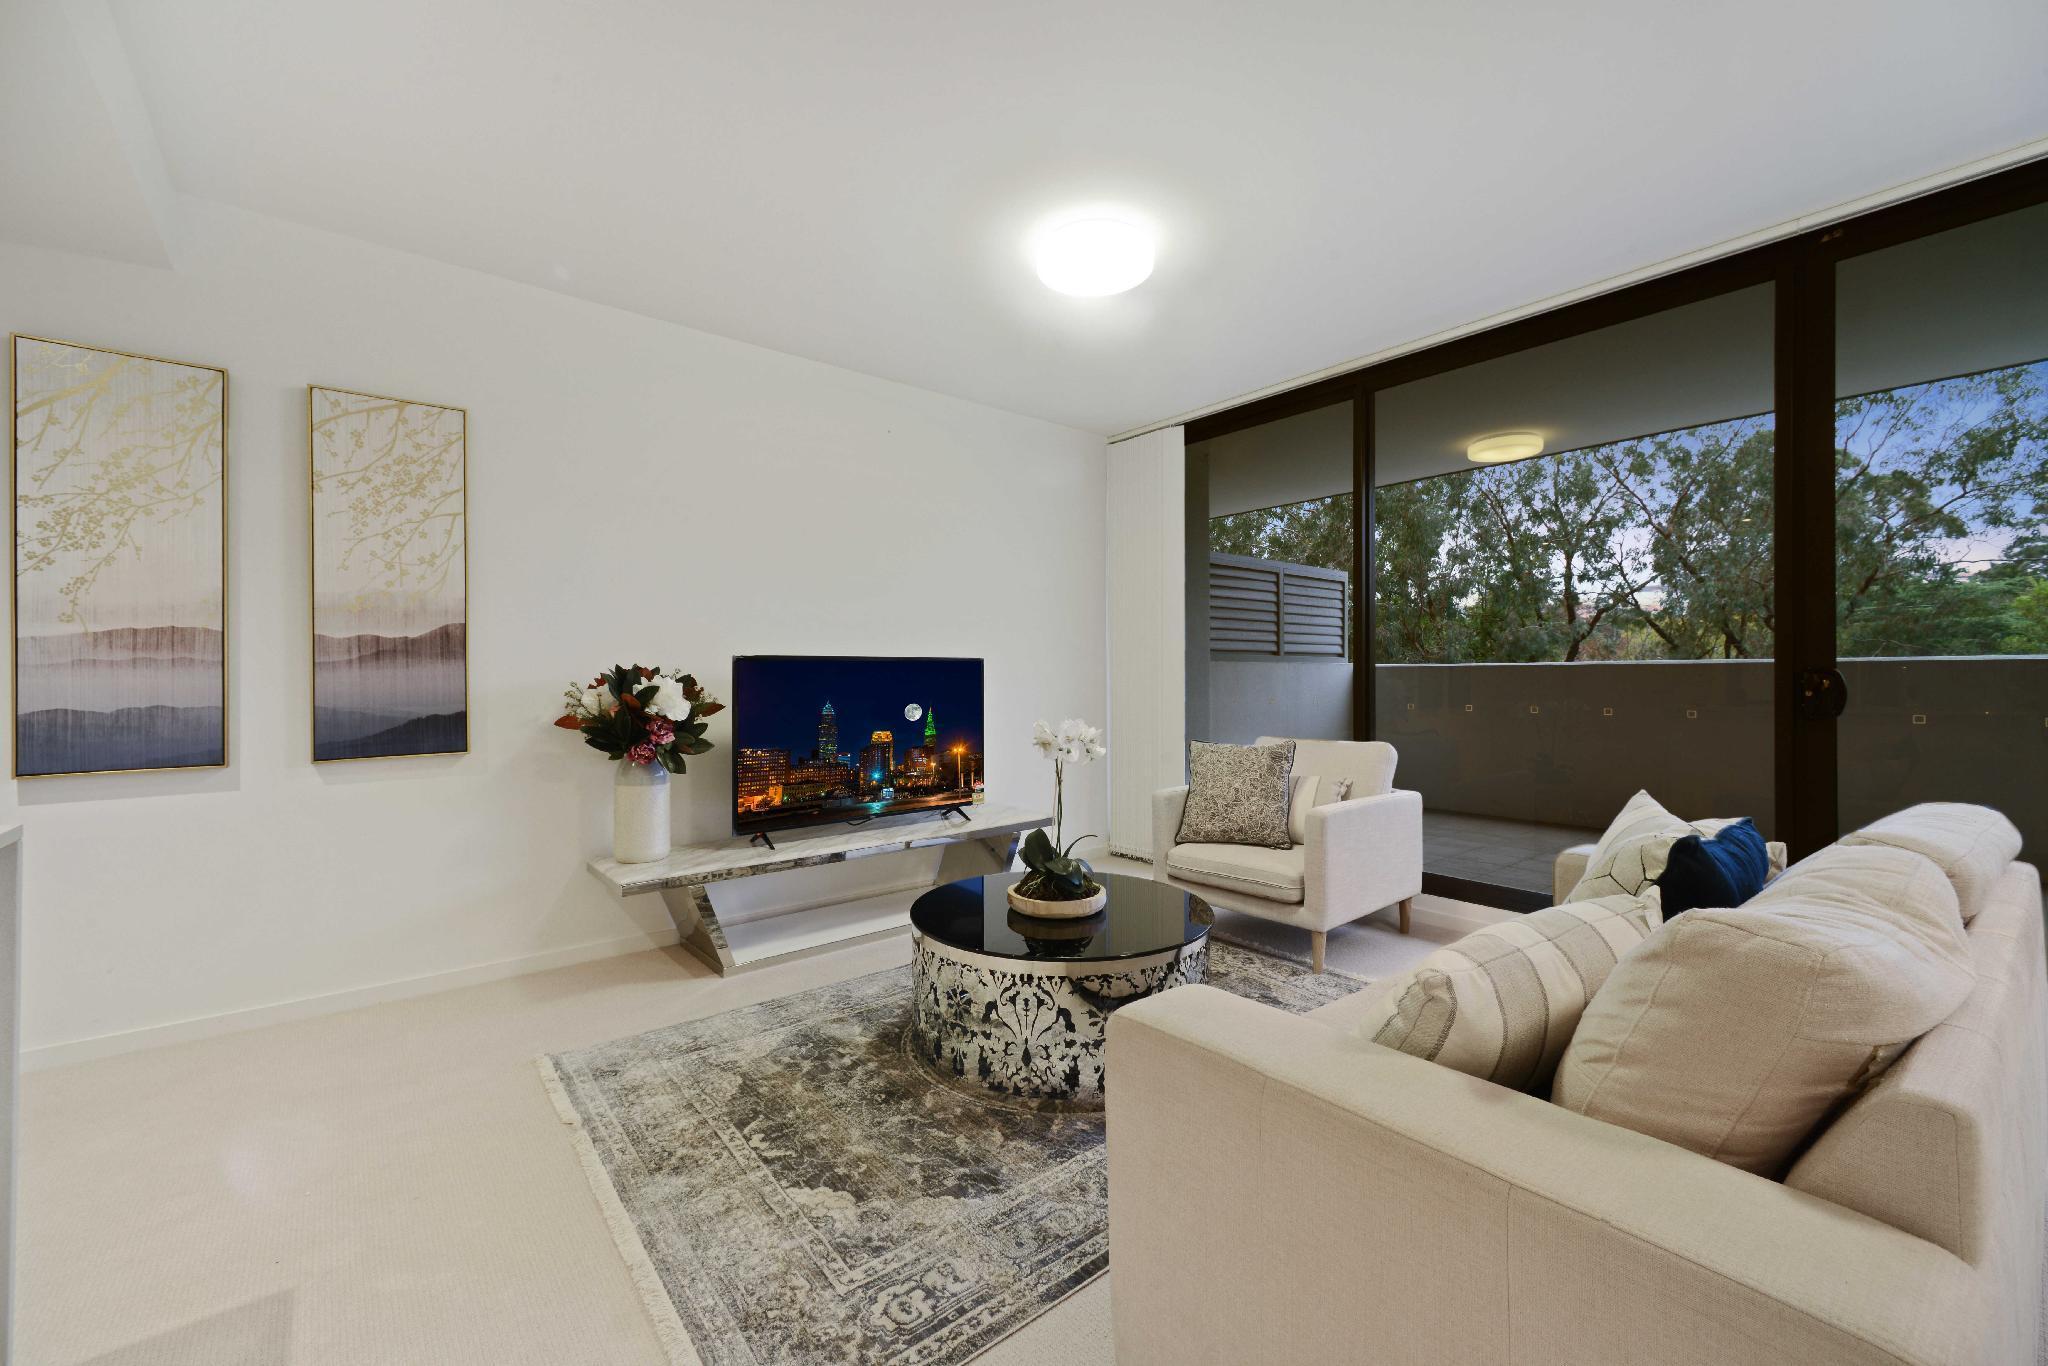 HomeHotel  Spacious Luxury Apt Next To Shopping